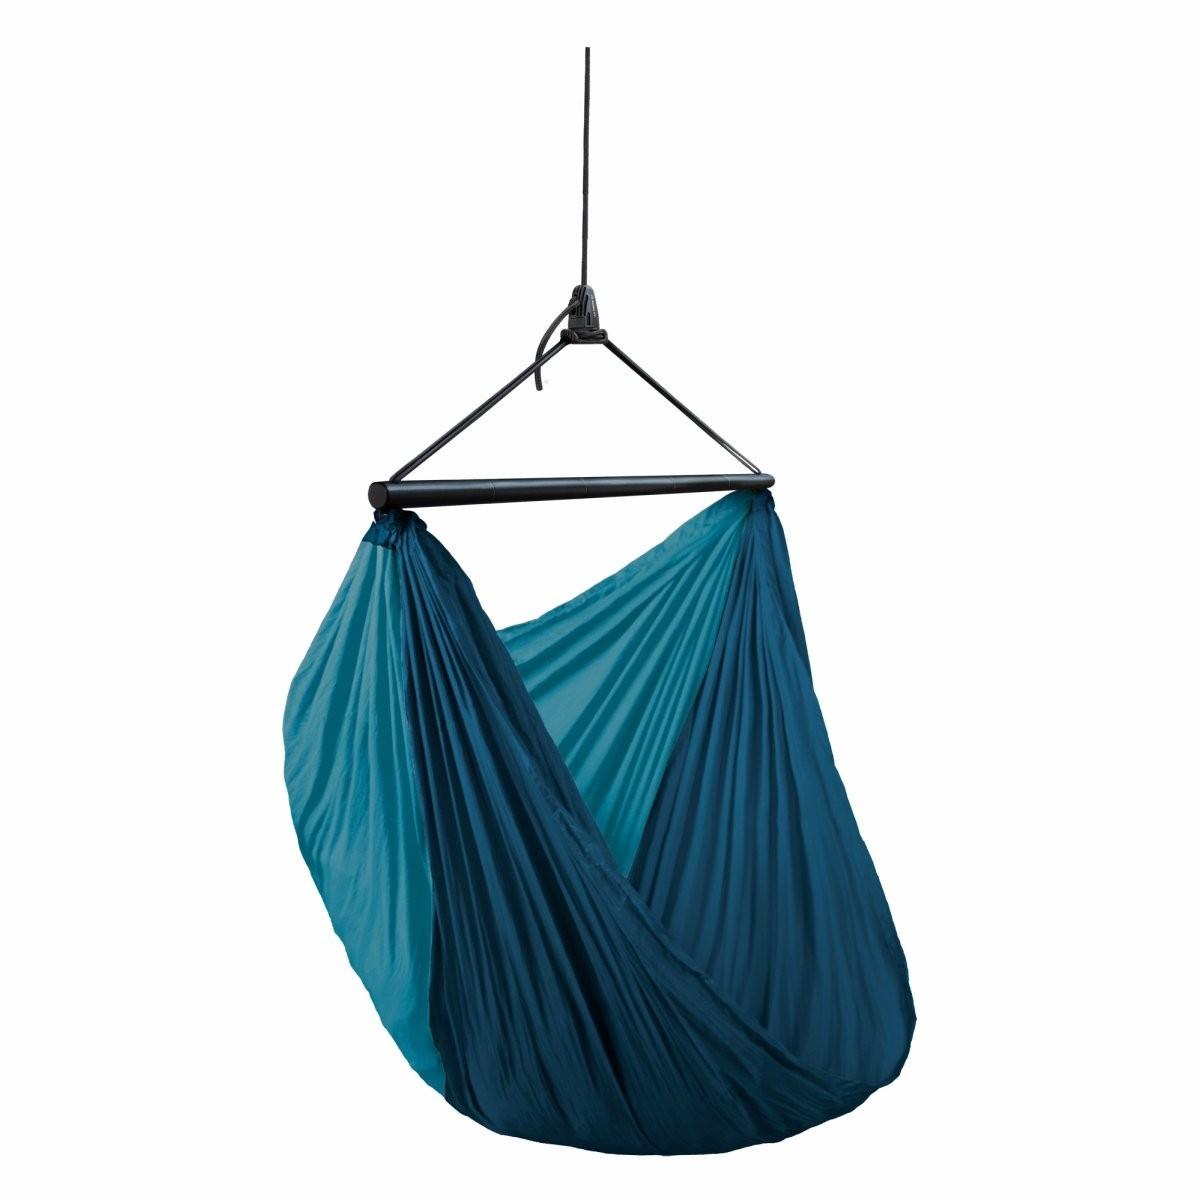 Comment Installer Un Hamac Sans Arbre la siesta- zun-zun chaise-hamac de voyage (fixations incluses) marine